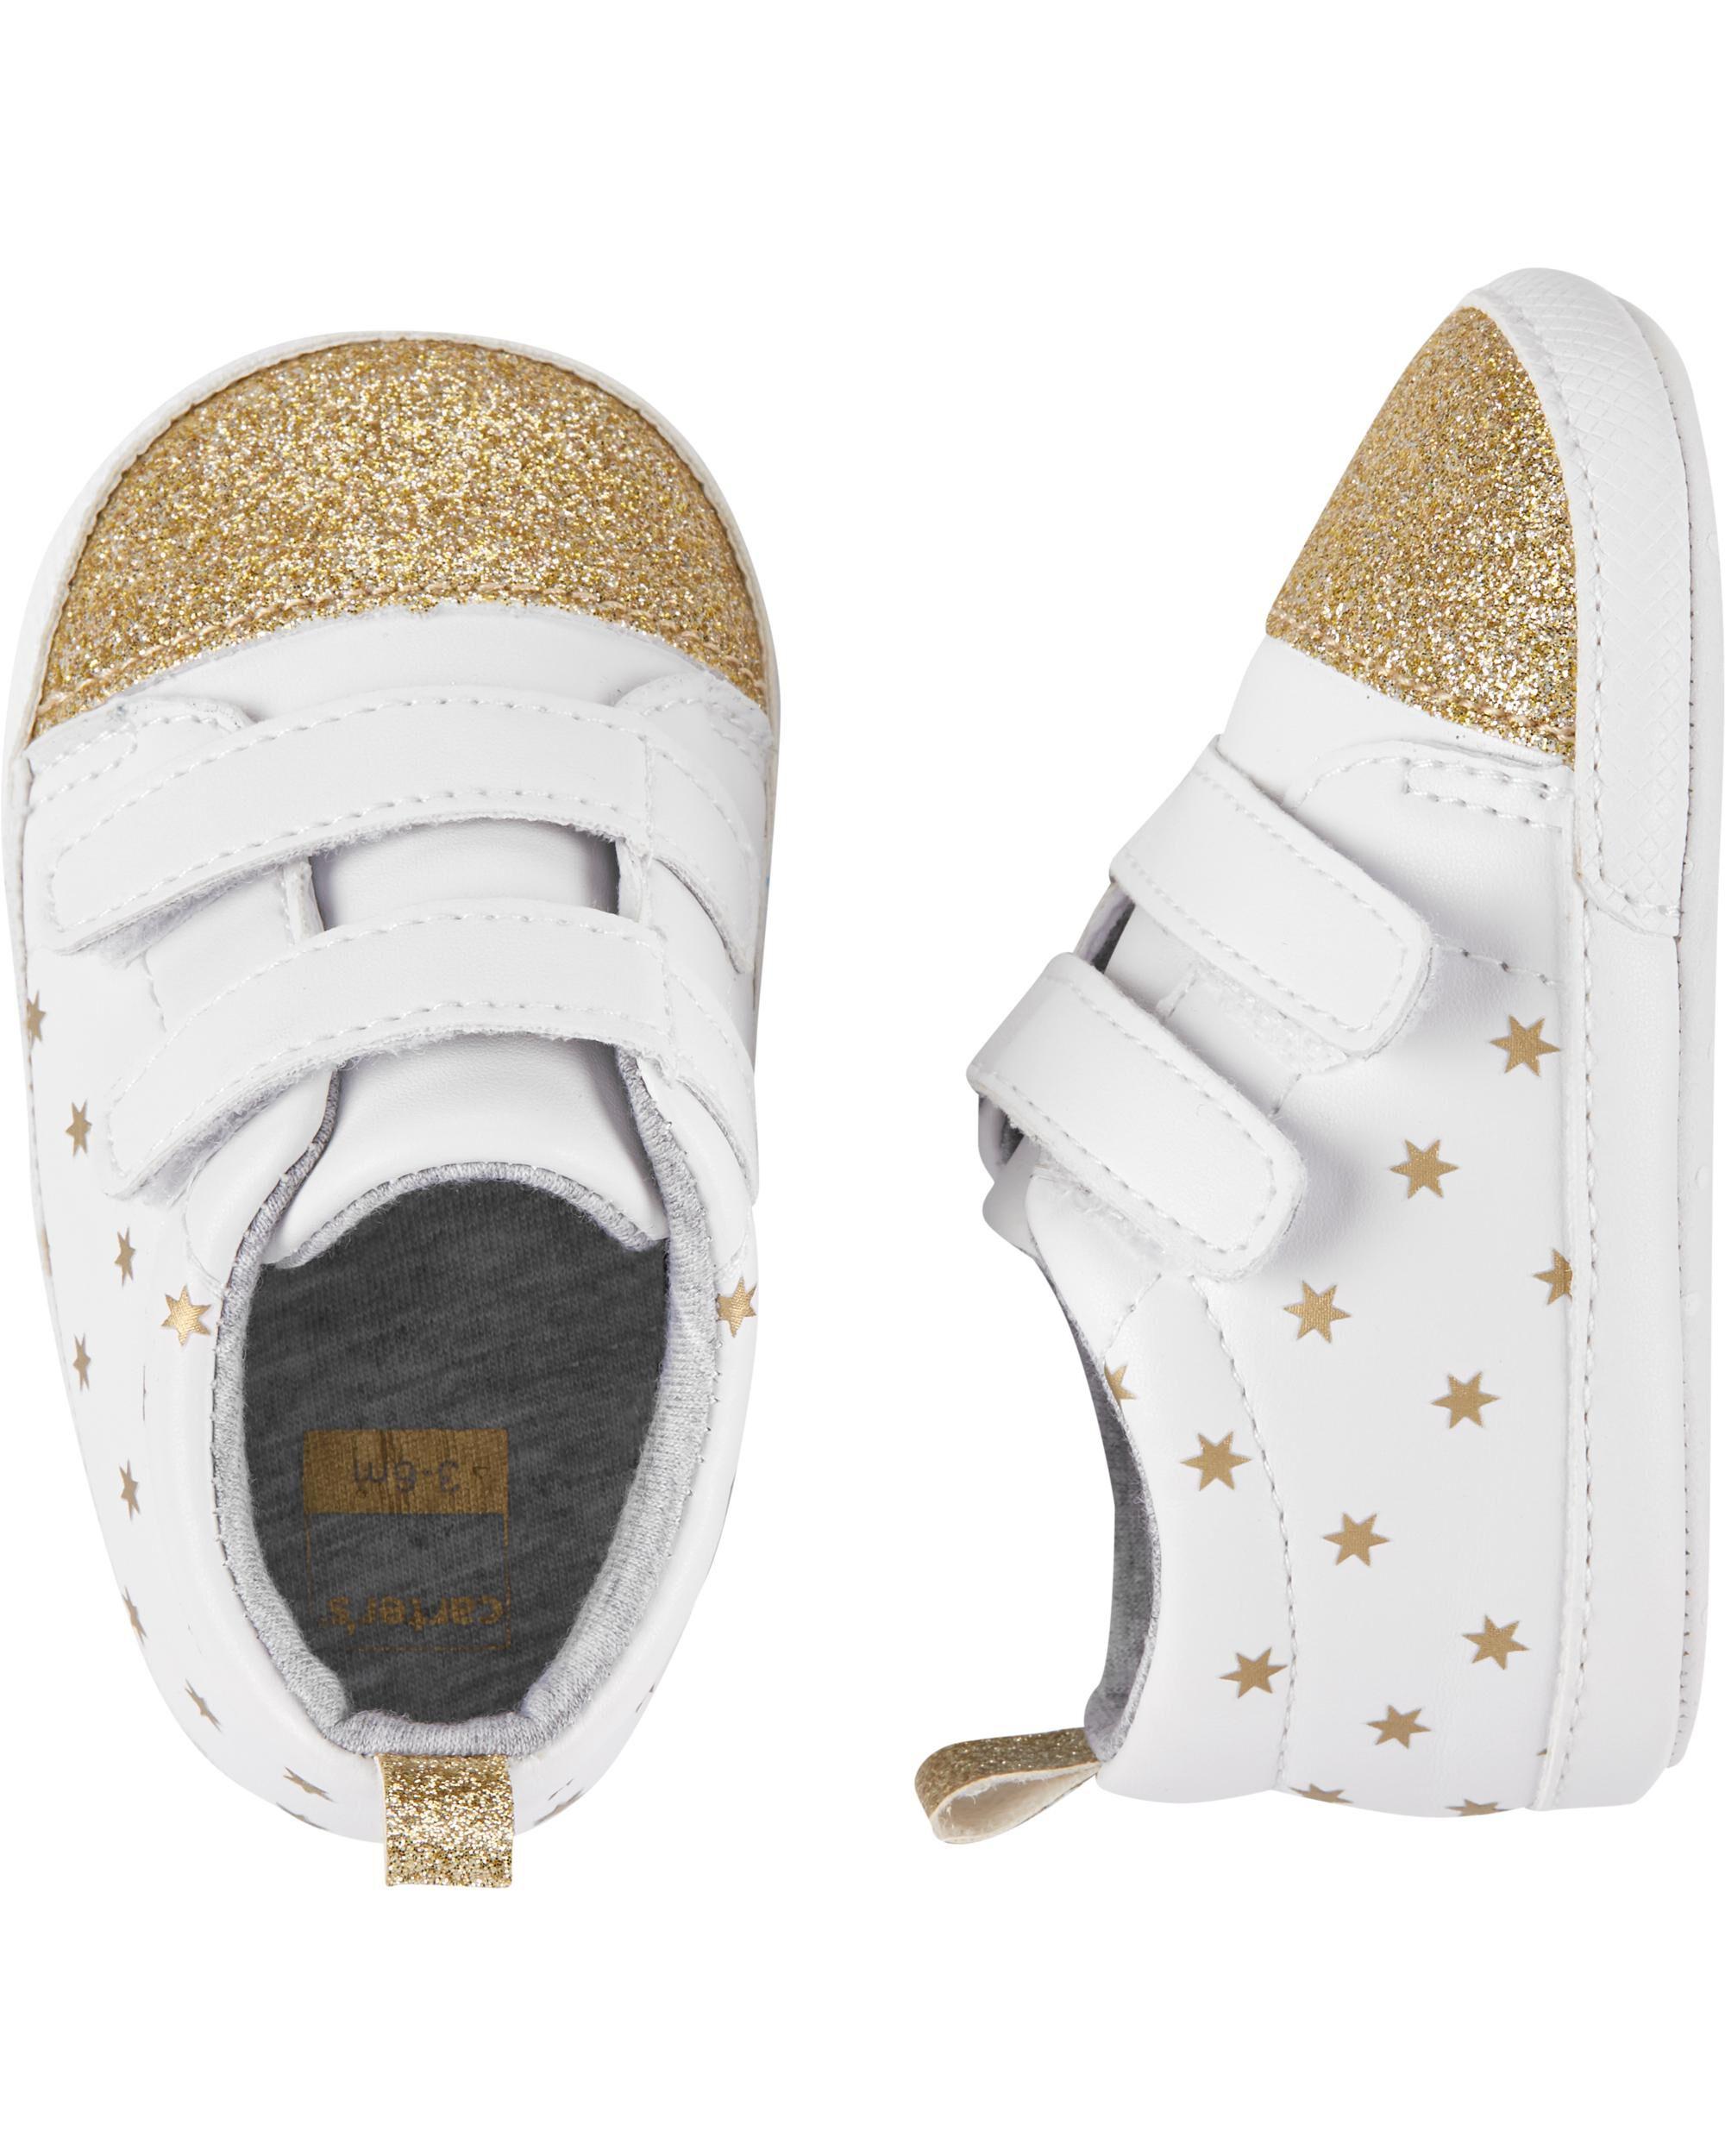 Oshkoshbgosh Carters Star Sneaker Baby Shoes